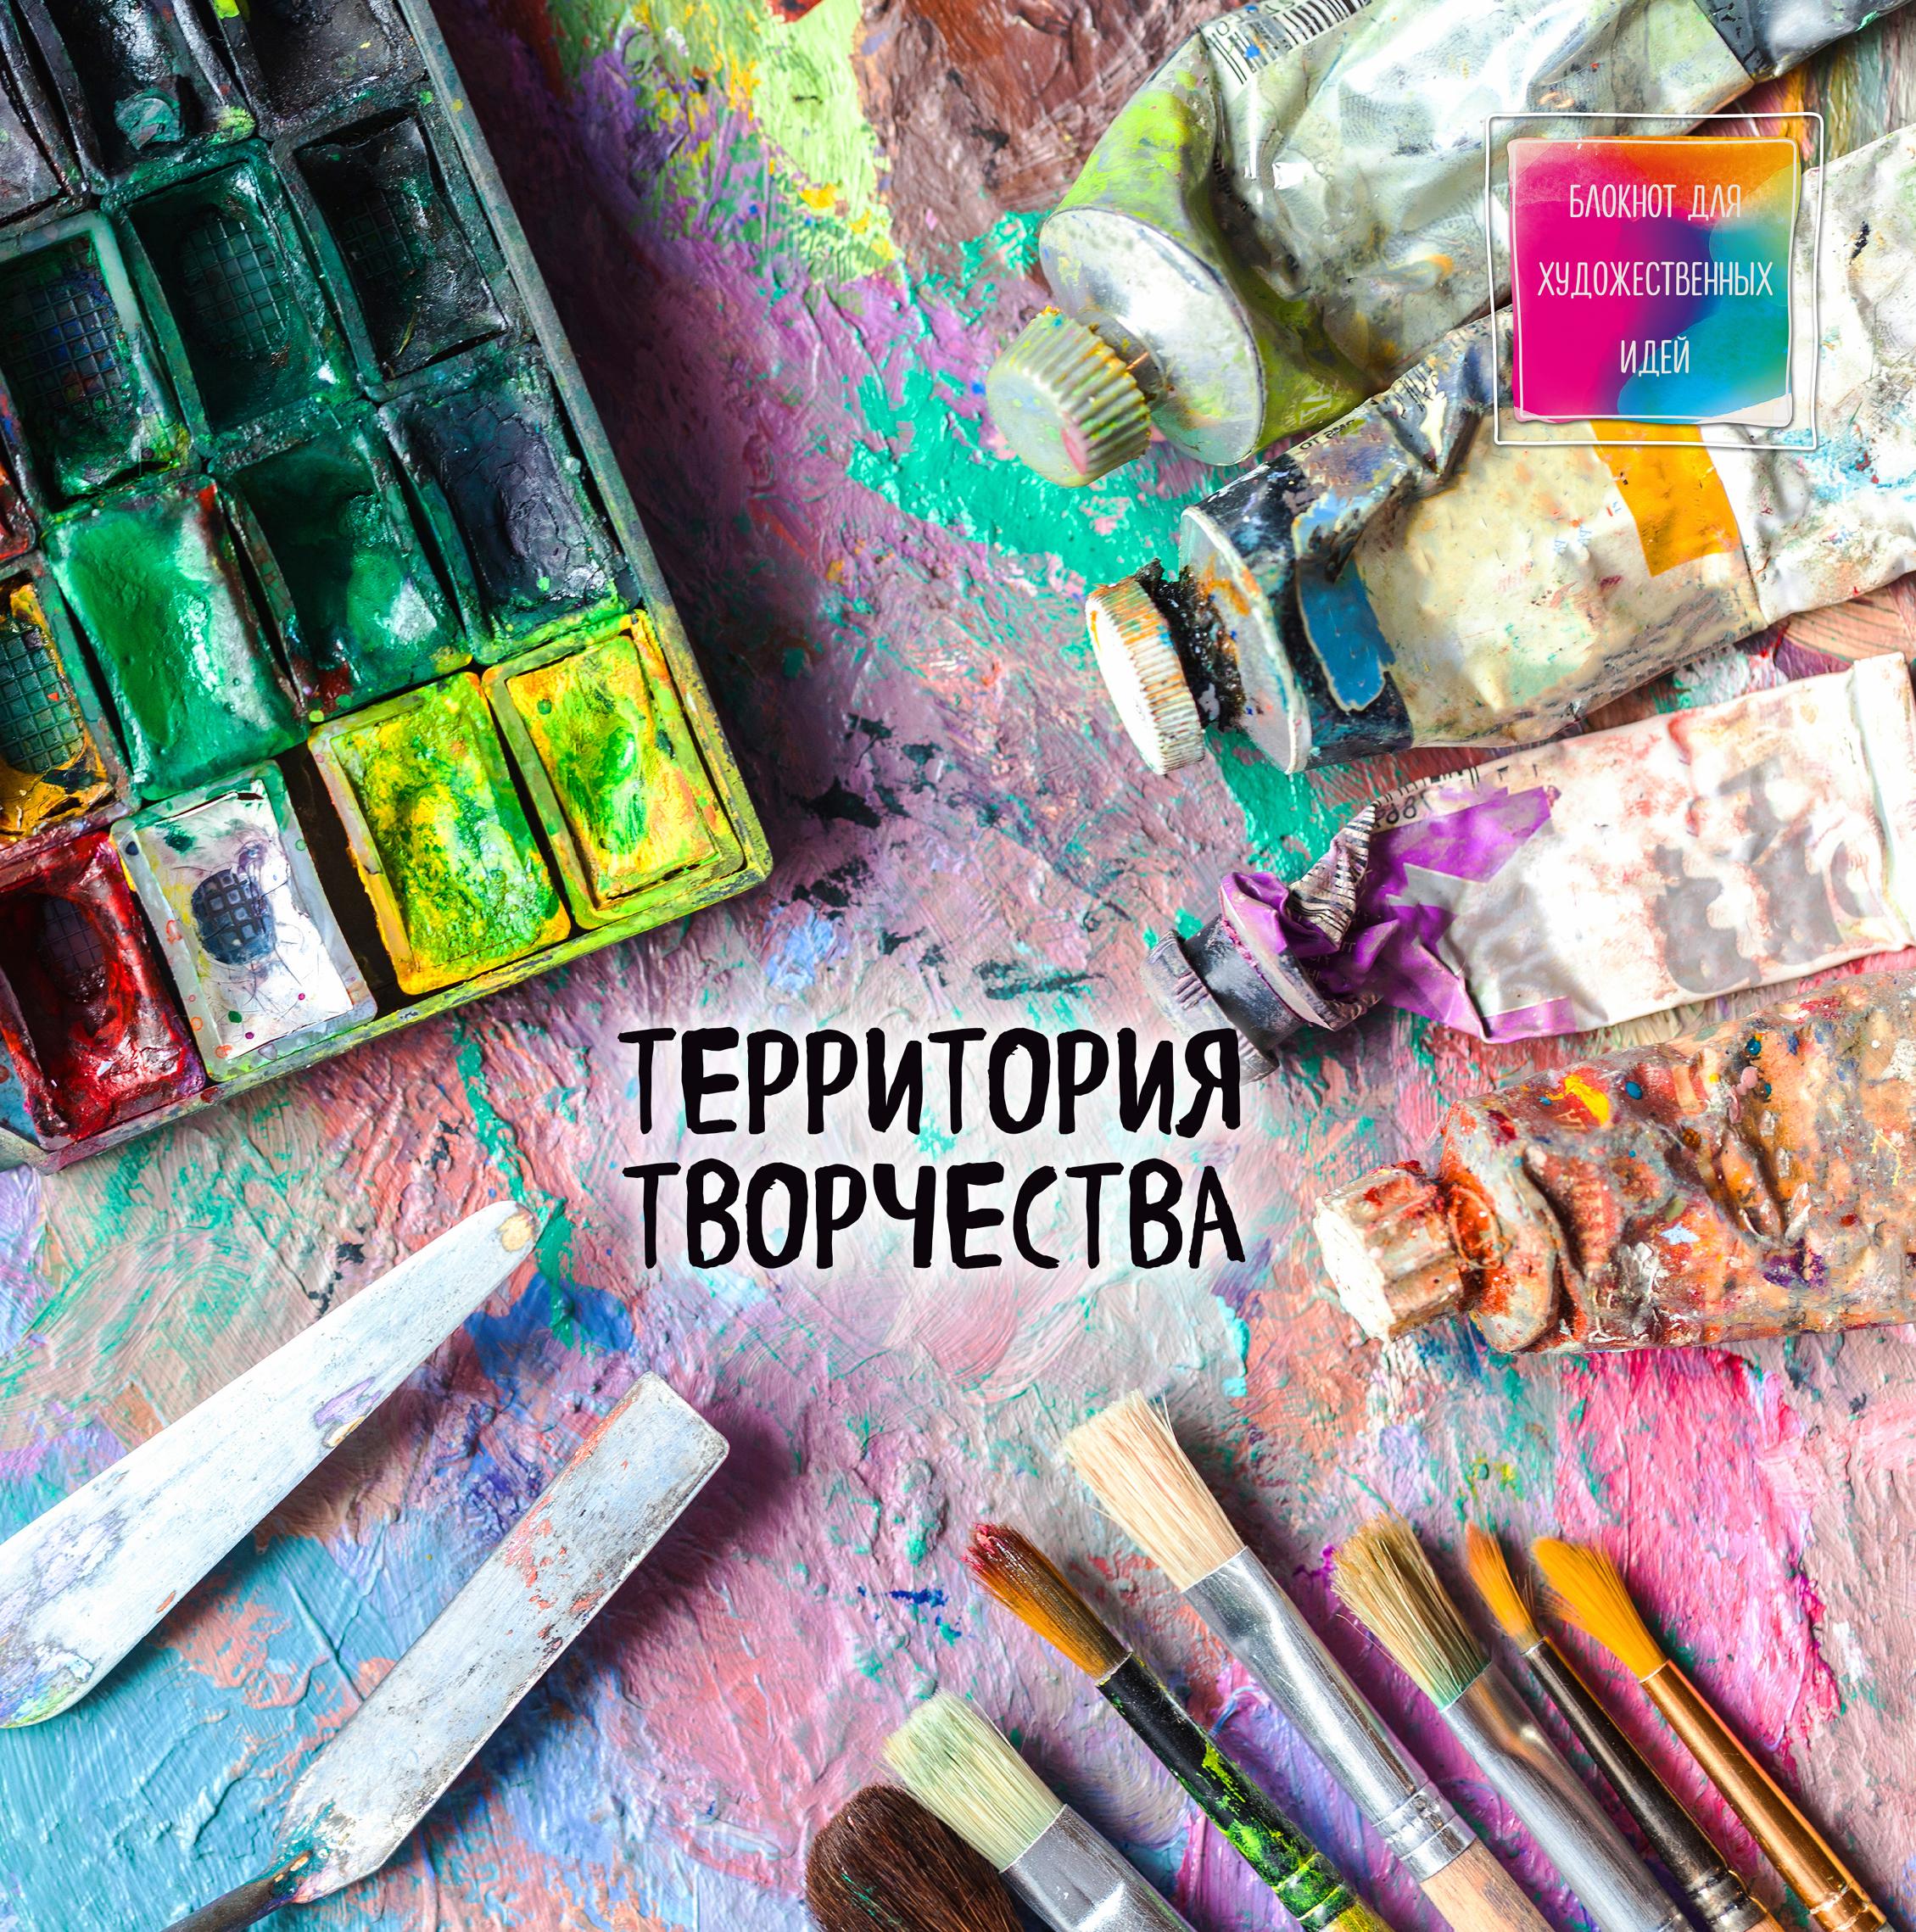 Фото Акварель. Блокнот для художественных идей. Купить  в РФ